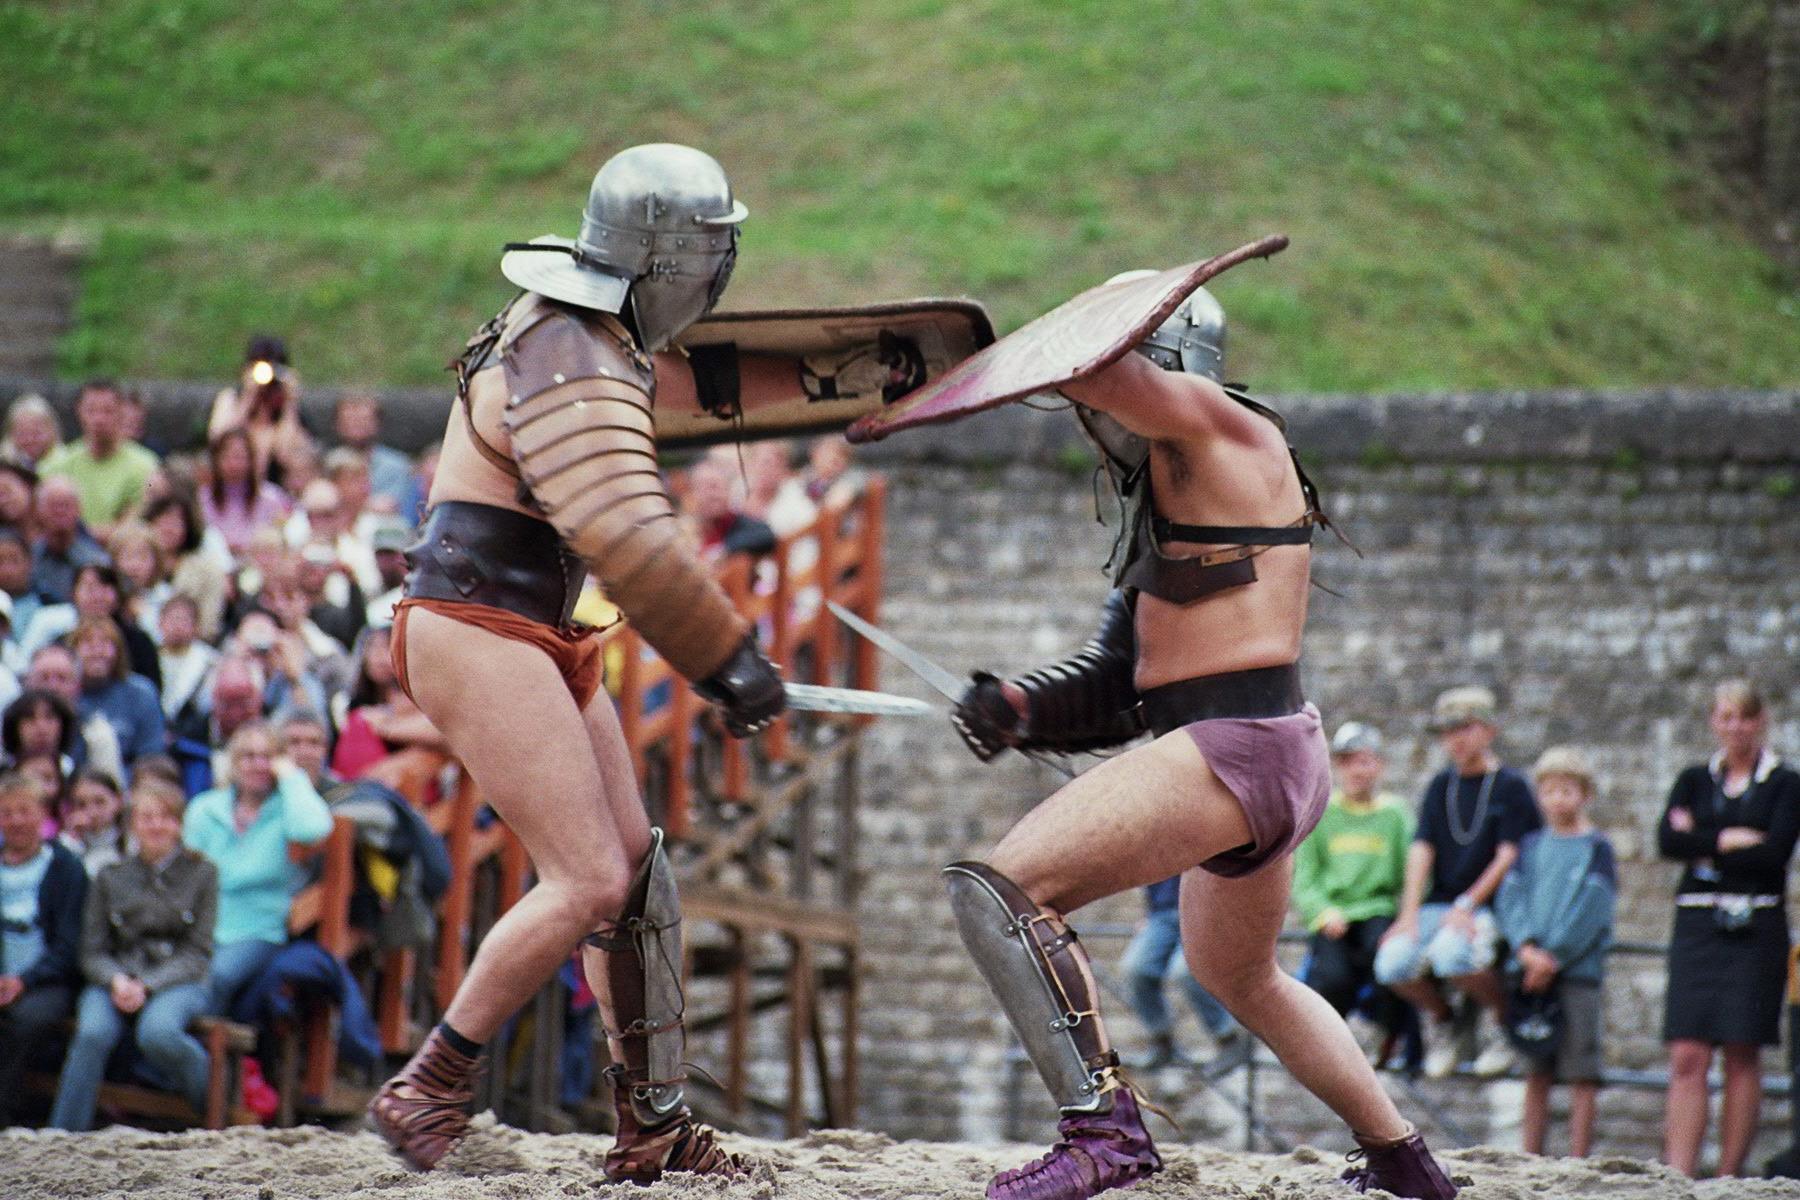 Arbeitsblatt Vorschule römische spiele : Gladiatorenku00e4mpfe